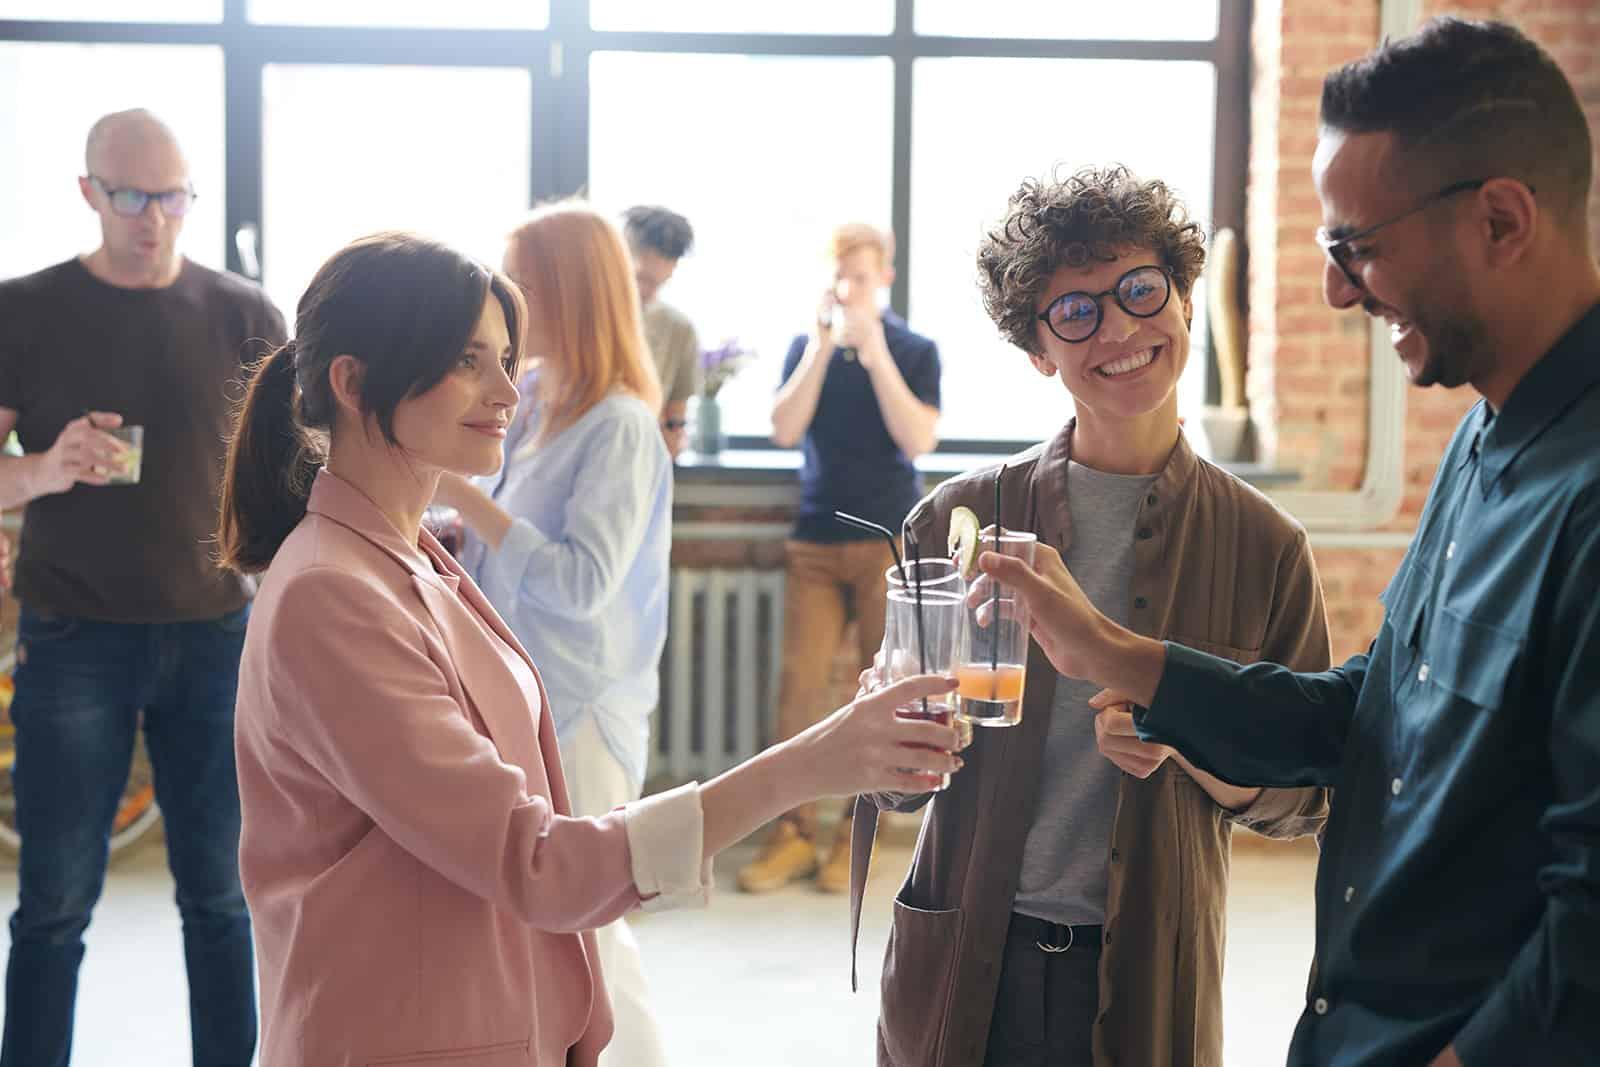 eine Frau mit Brille, die einem Mann eine Freundin vorstellt und mit Getränken anstößt